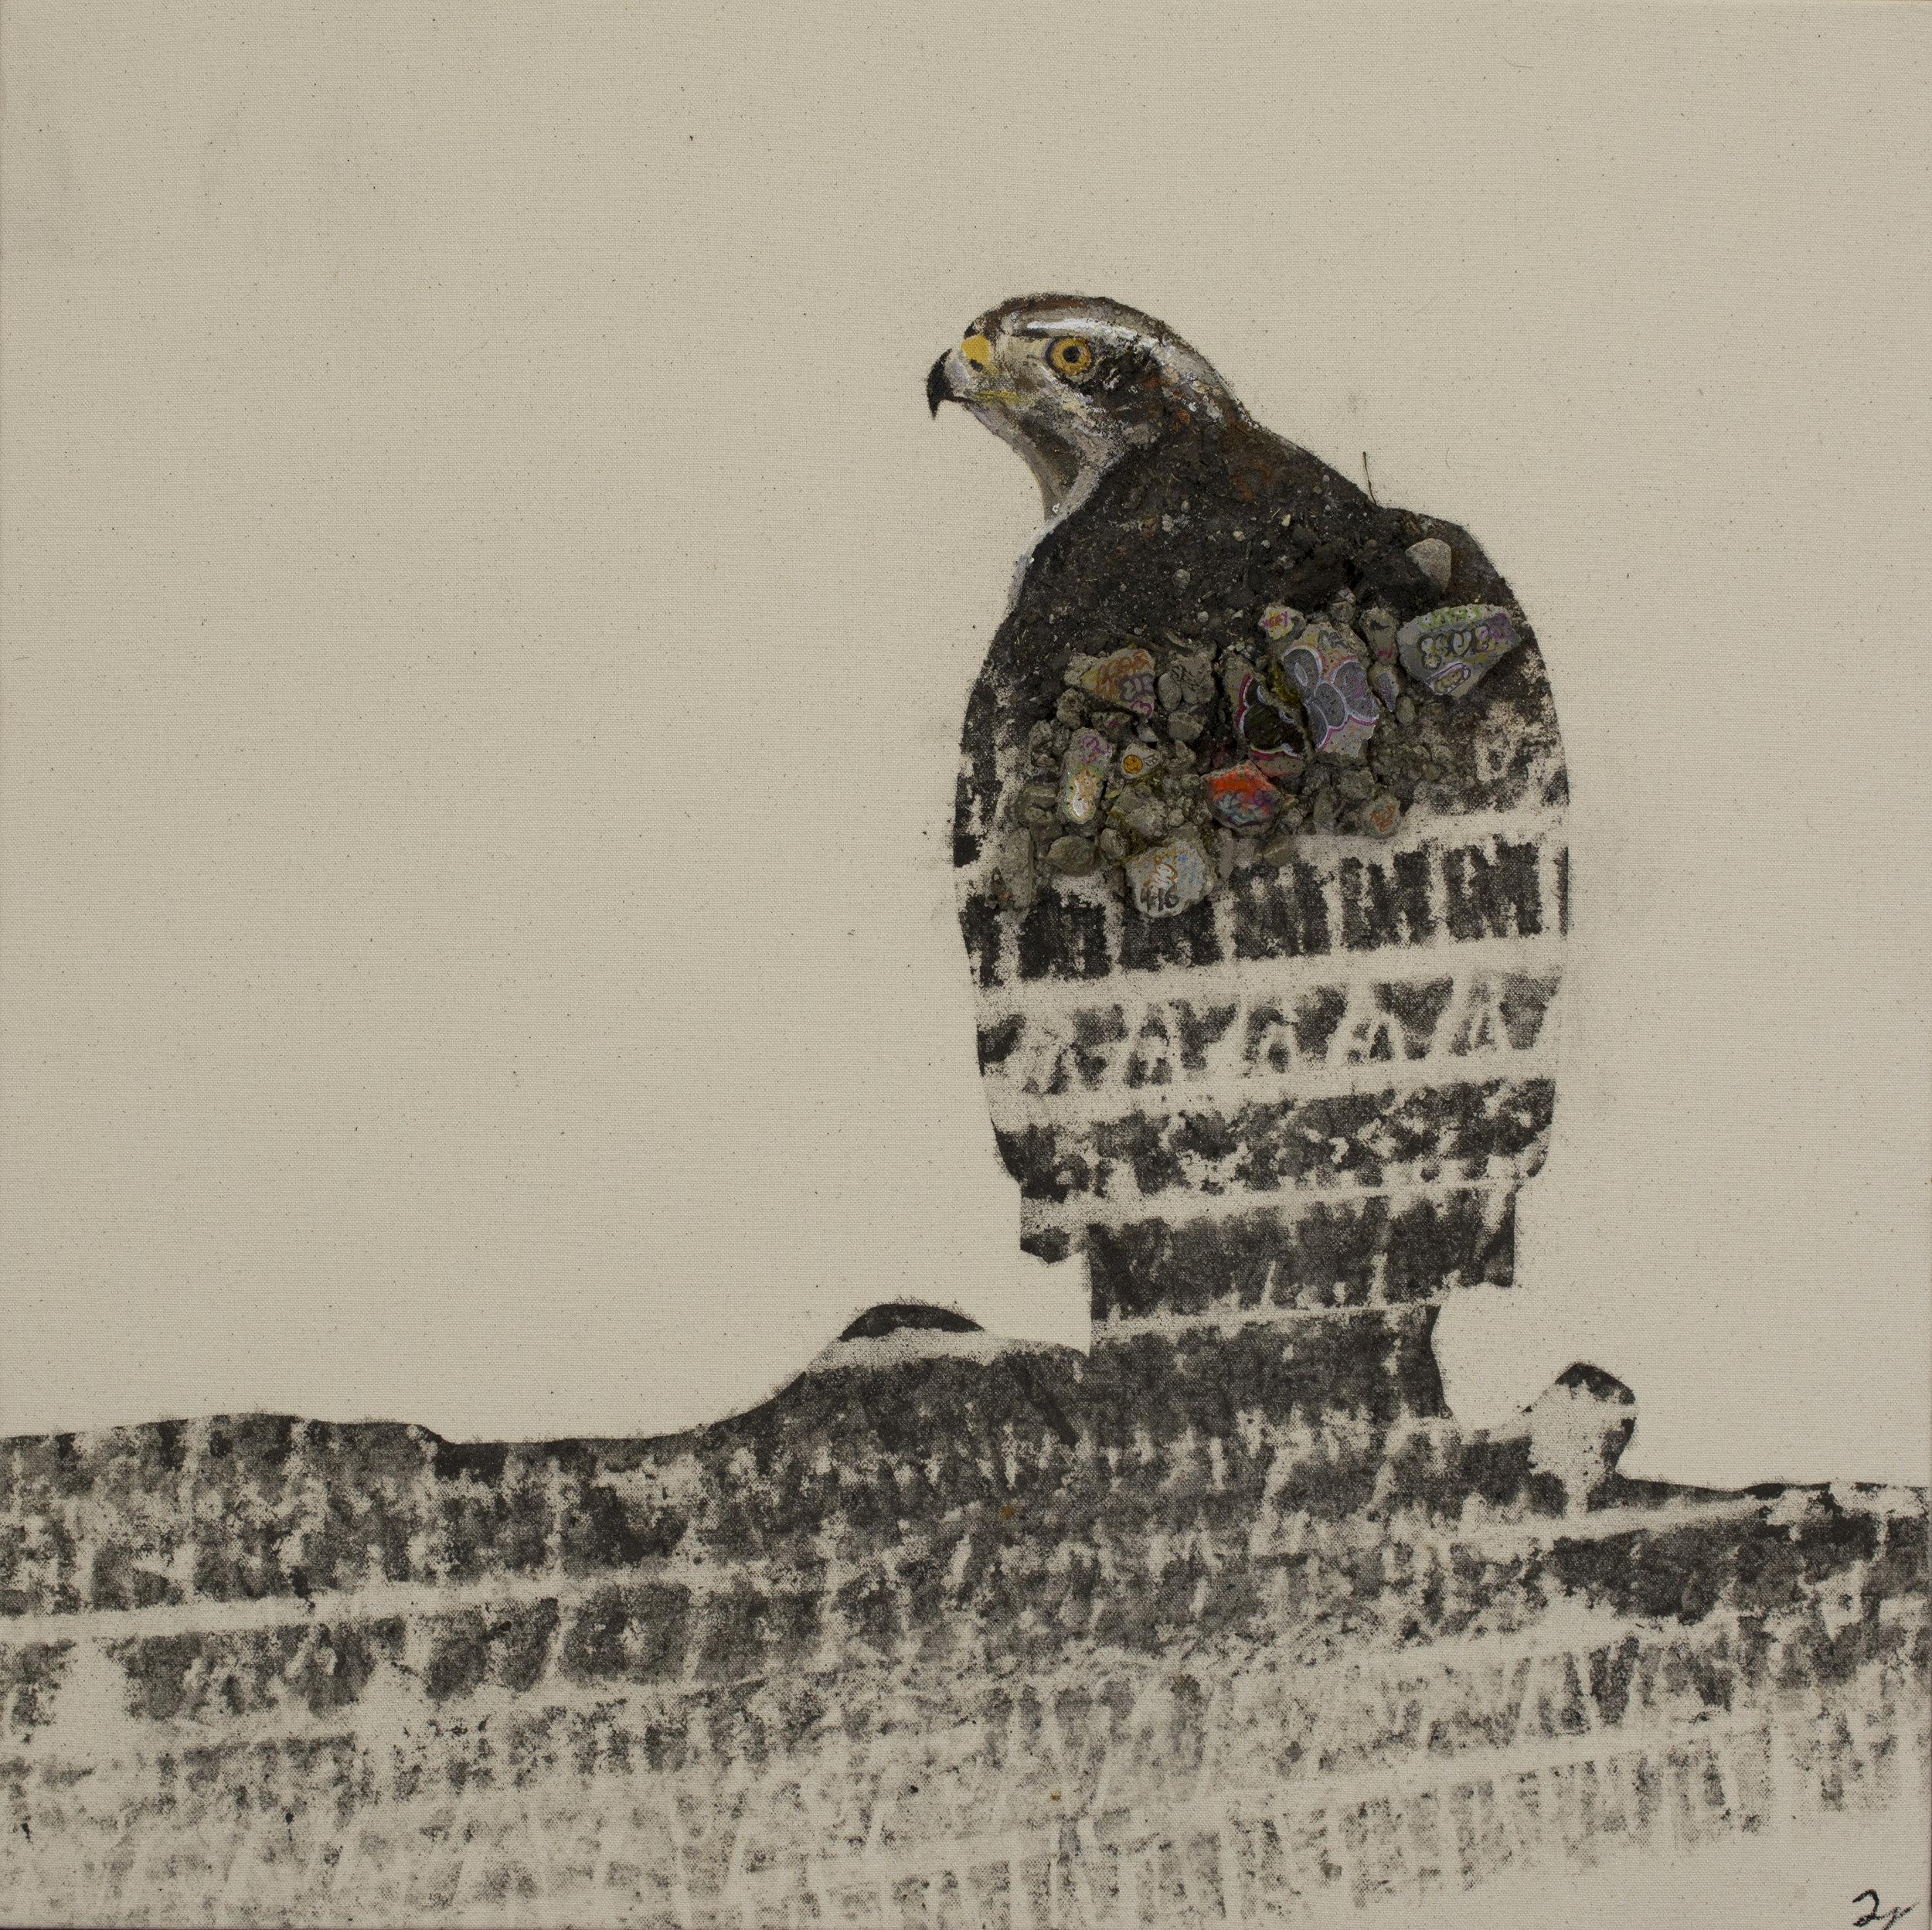 Concrete Jungle, Hawk